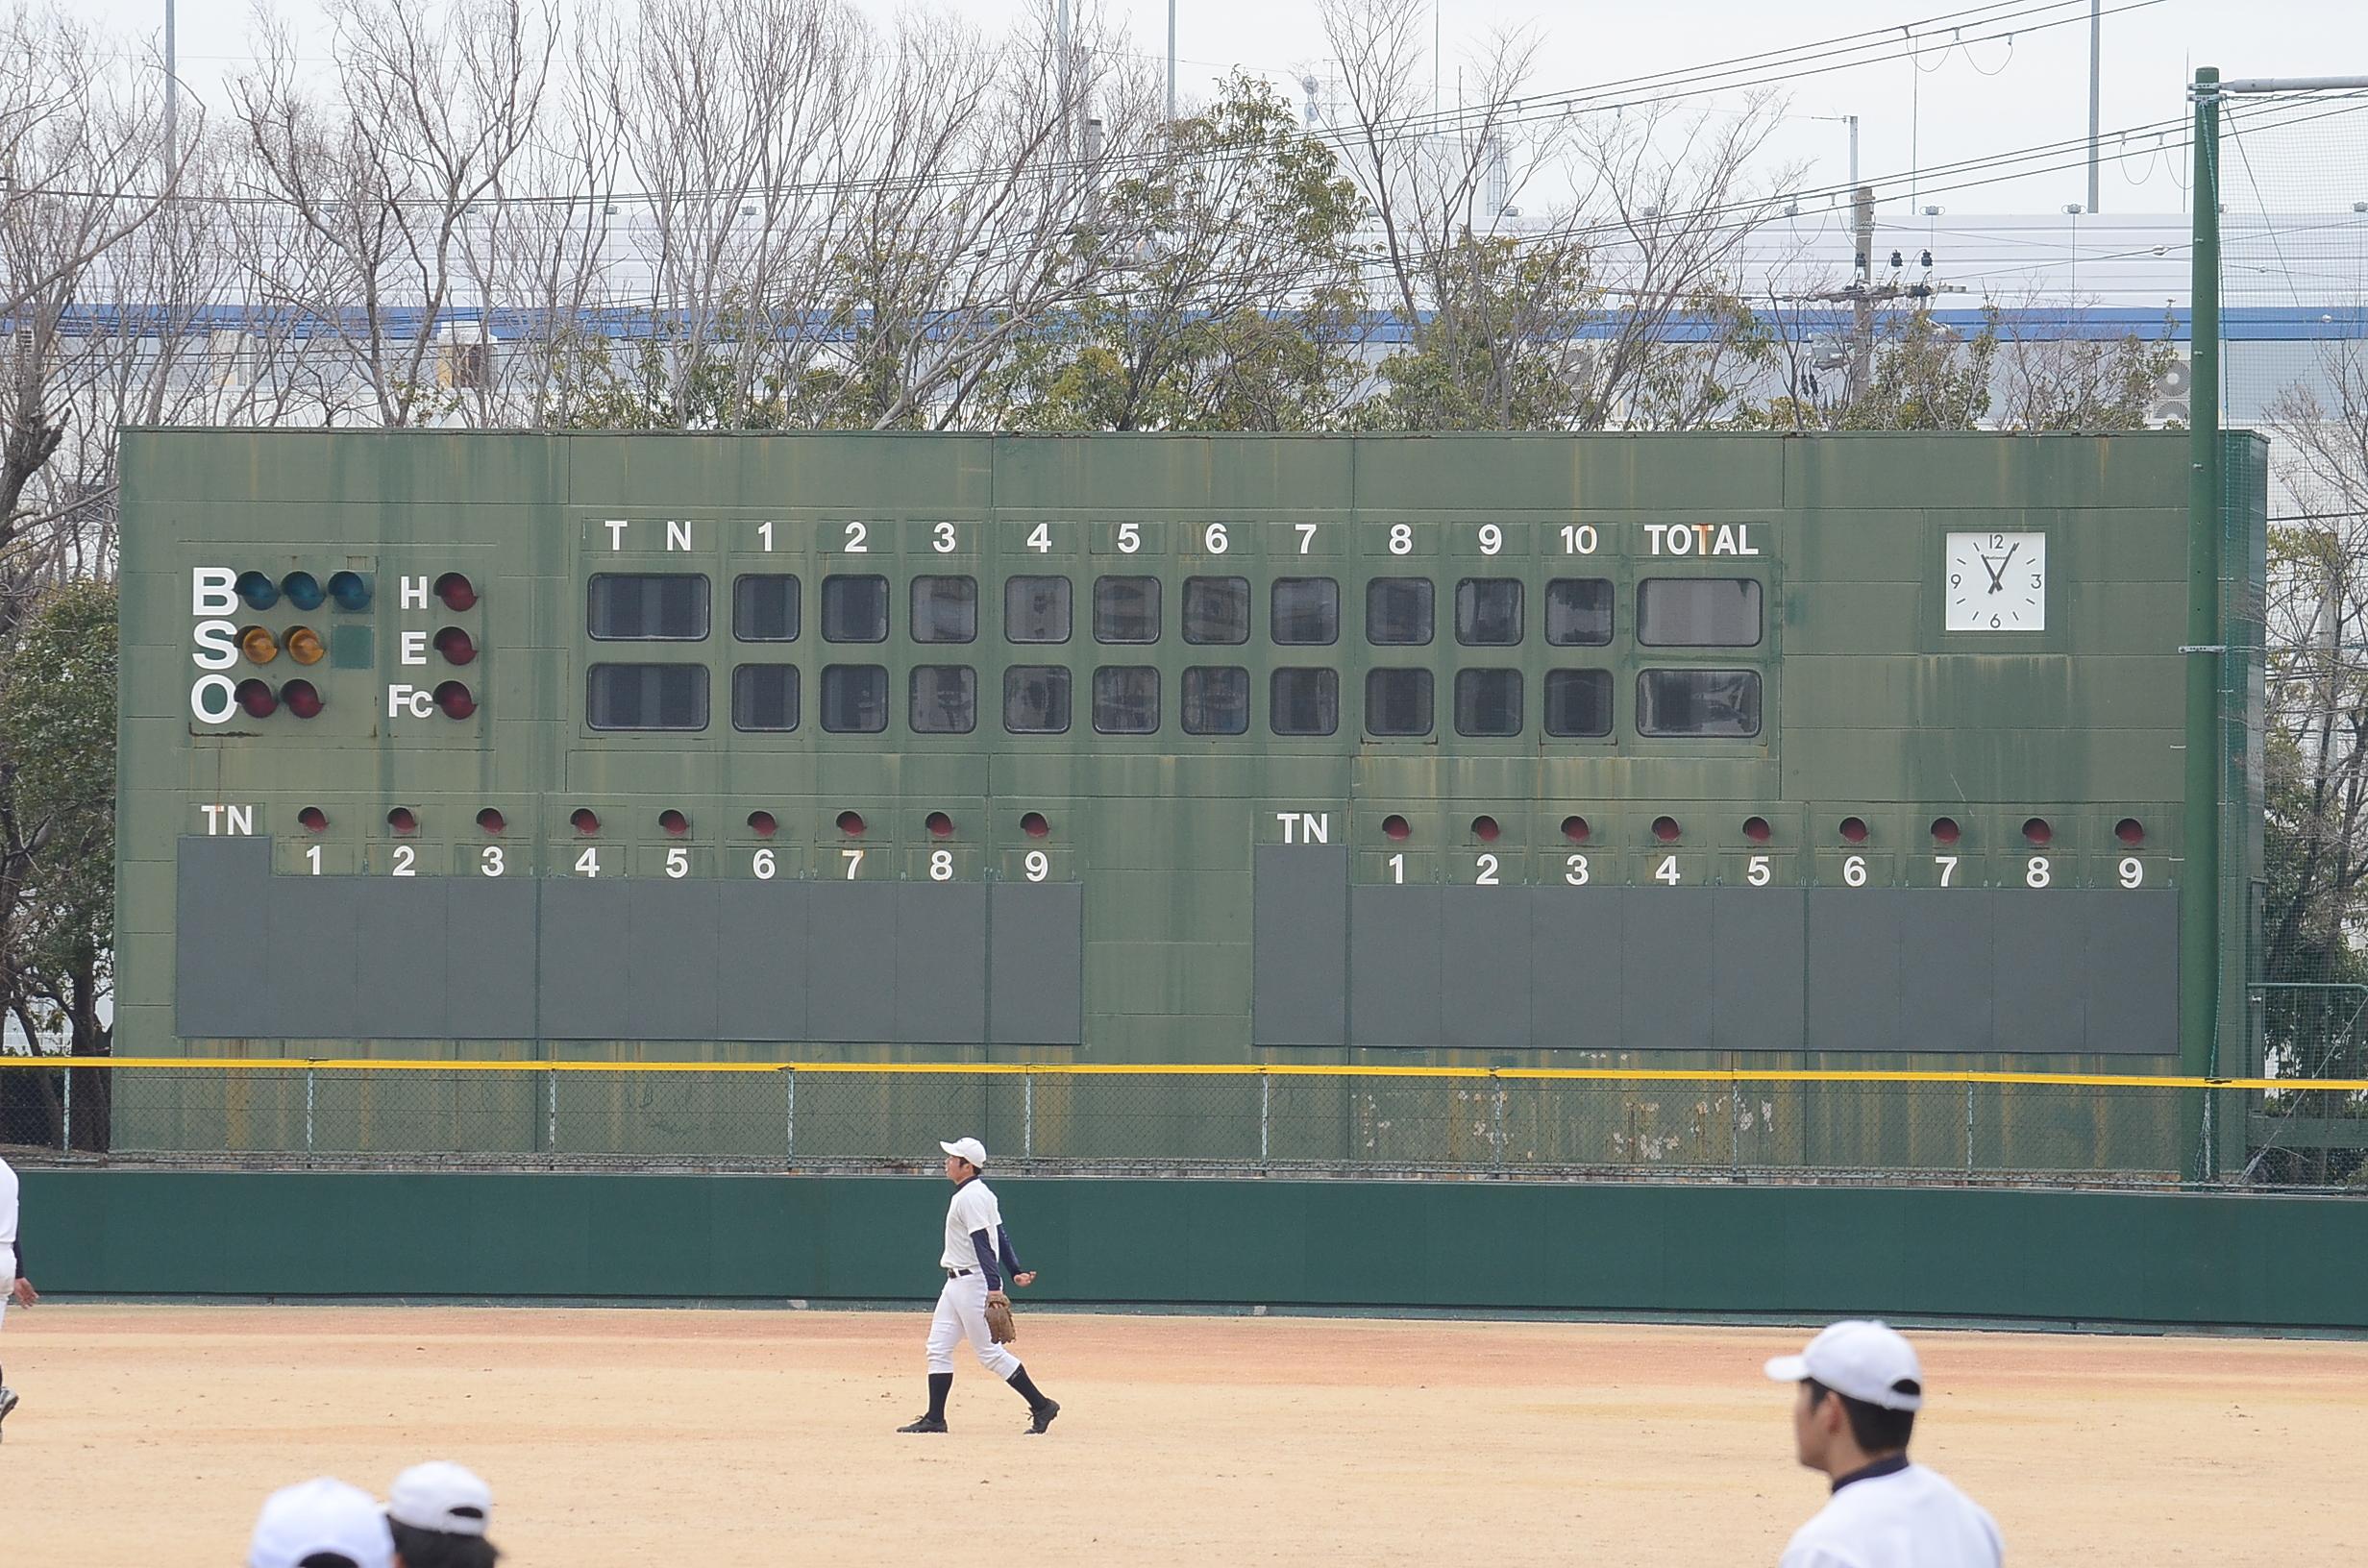 公園 場 浜 臨海 鳴尾 野球